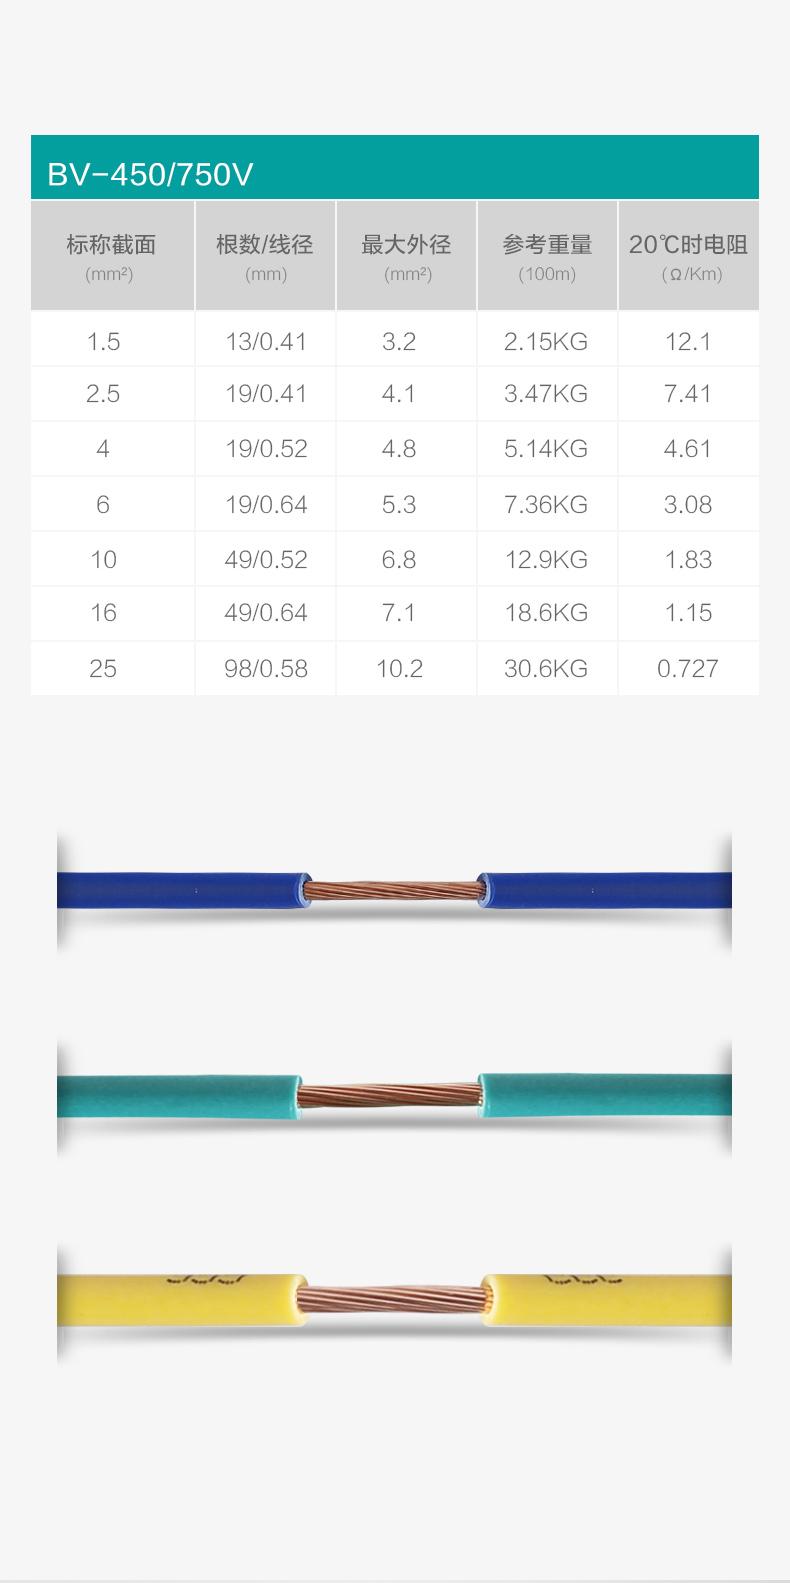 4平方多股铜芯电线_胜华电线BVR-1.5/2.5/4/6平方国标铜芯软电线null